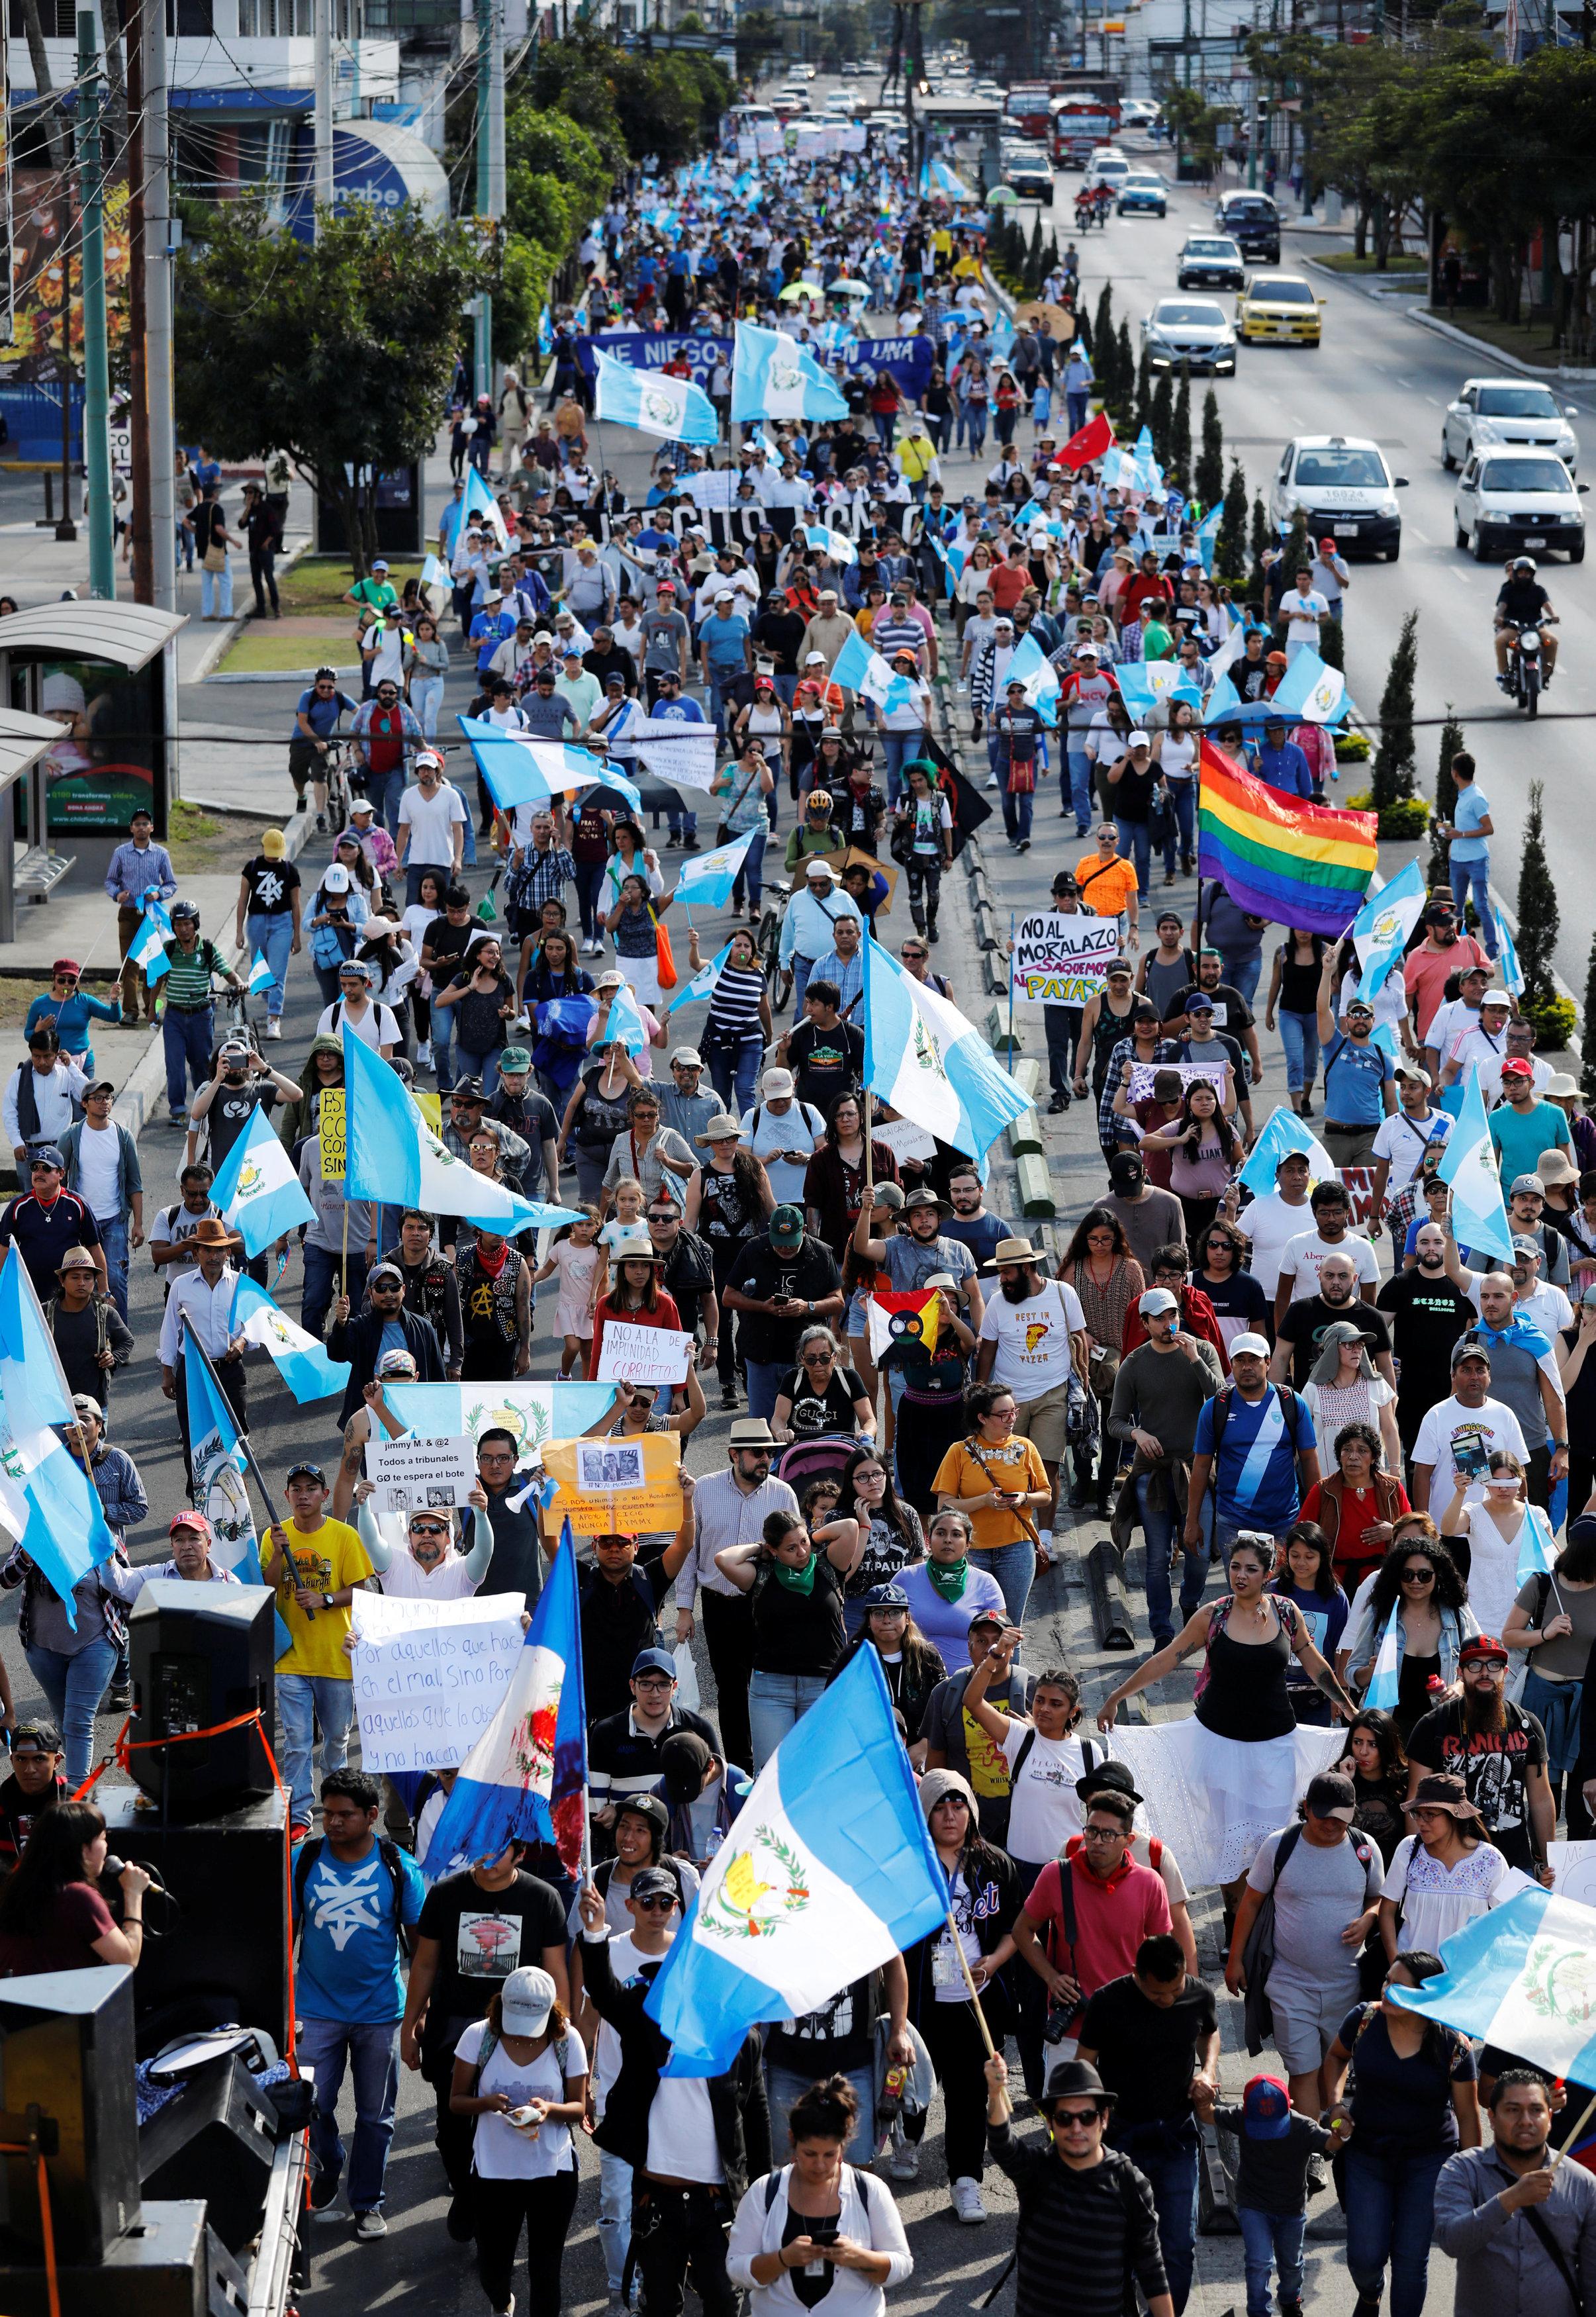 احتجاجات حاشدة فى جواتيمالا ضد الفساد (4)